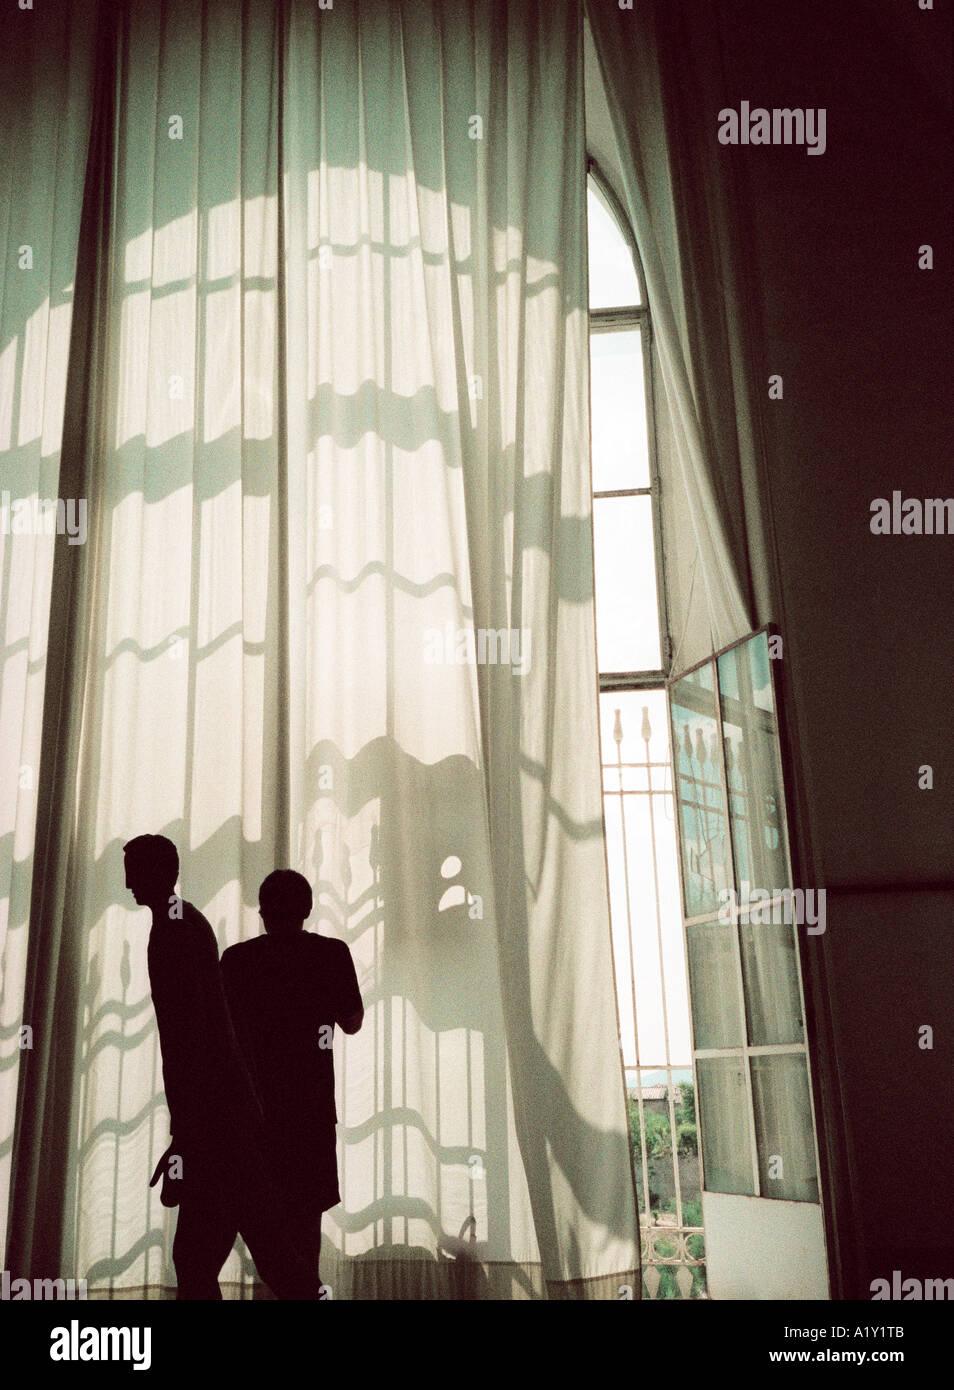 Ventana de hospital, Siena, Toscana, Italia. Atmosférica snap 35mm con gran imagen visible de grano de película. Imagen De Stock